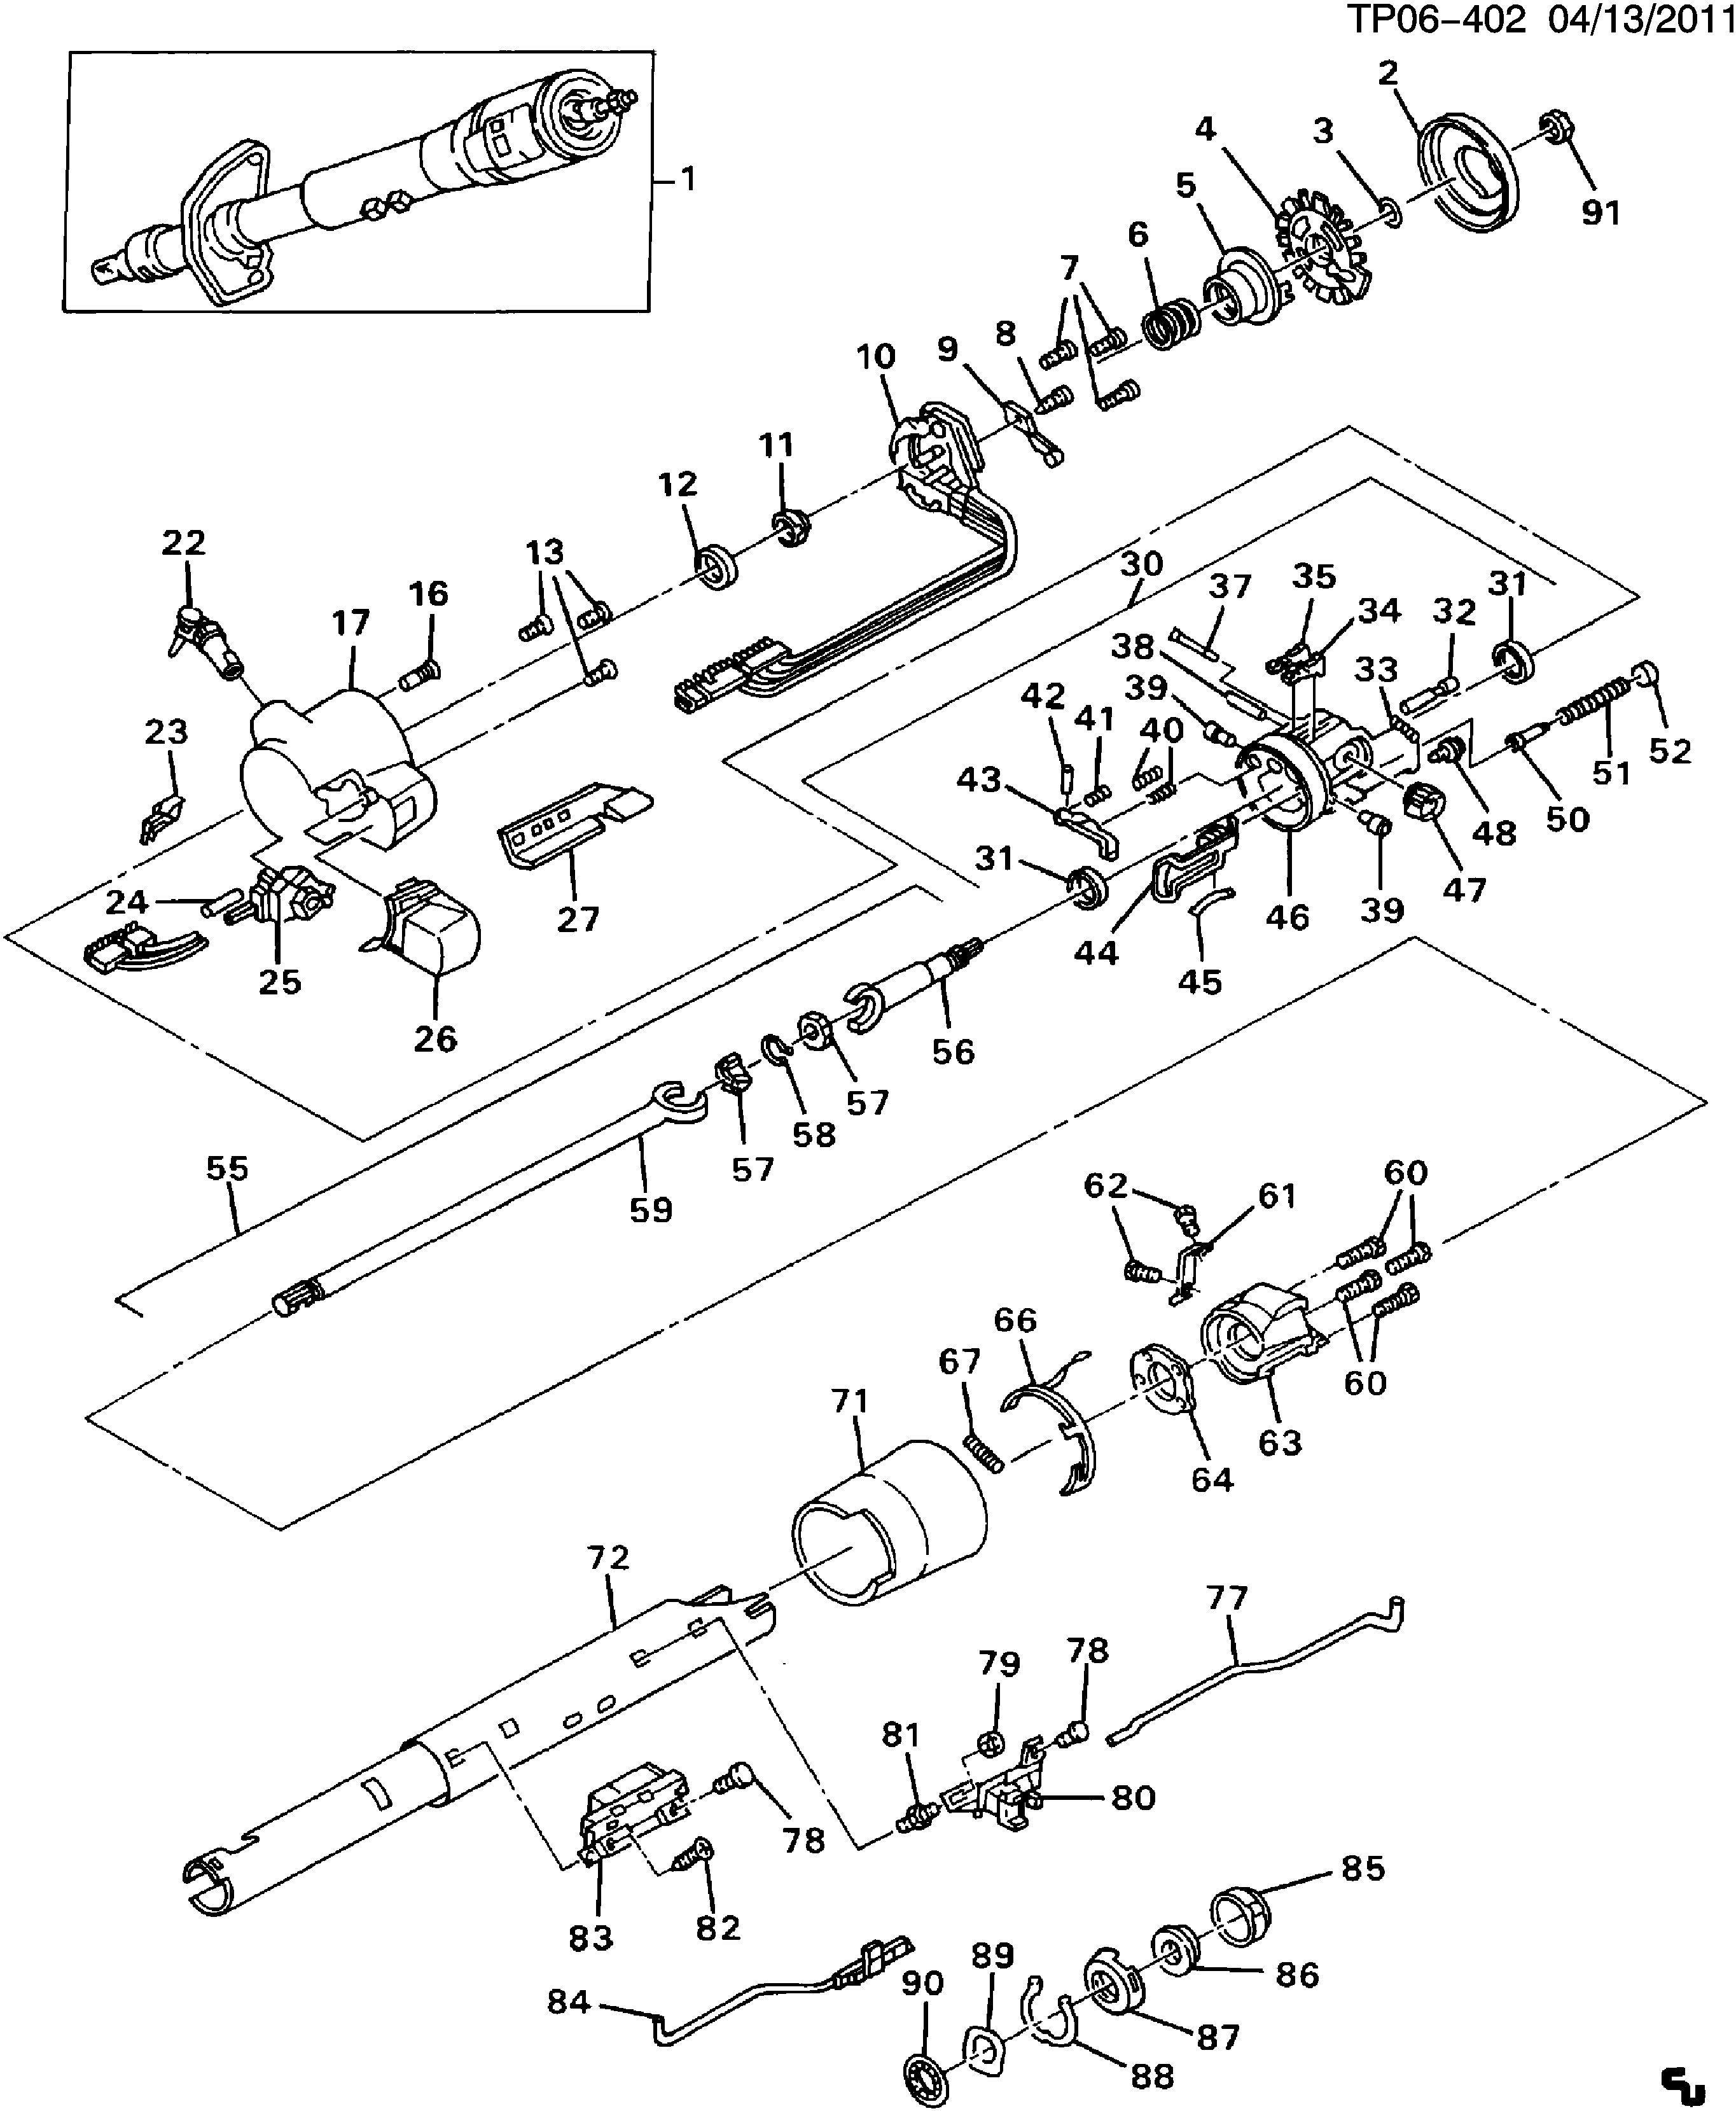 Chevy Venture Parts Diagram Chevy Auto Fuse Box Diagram